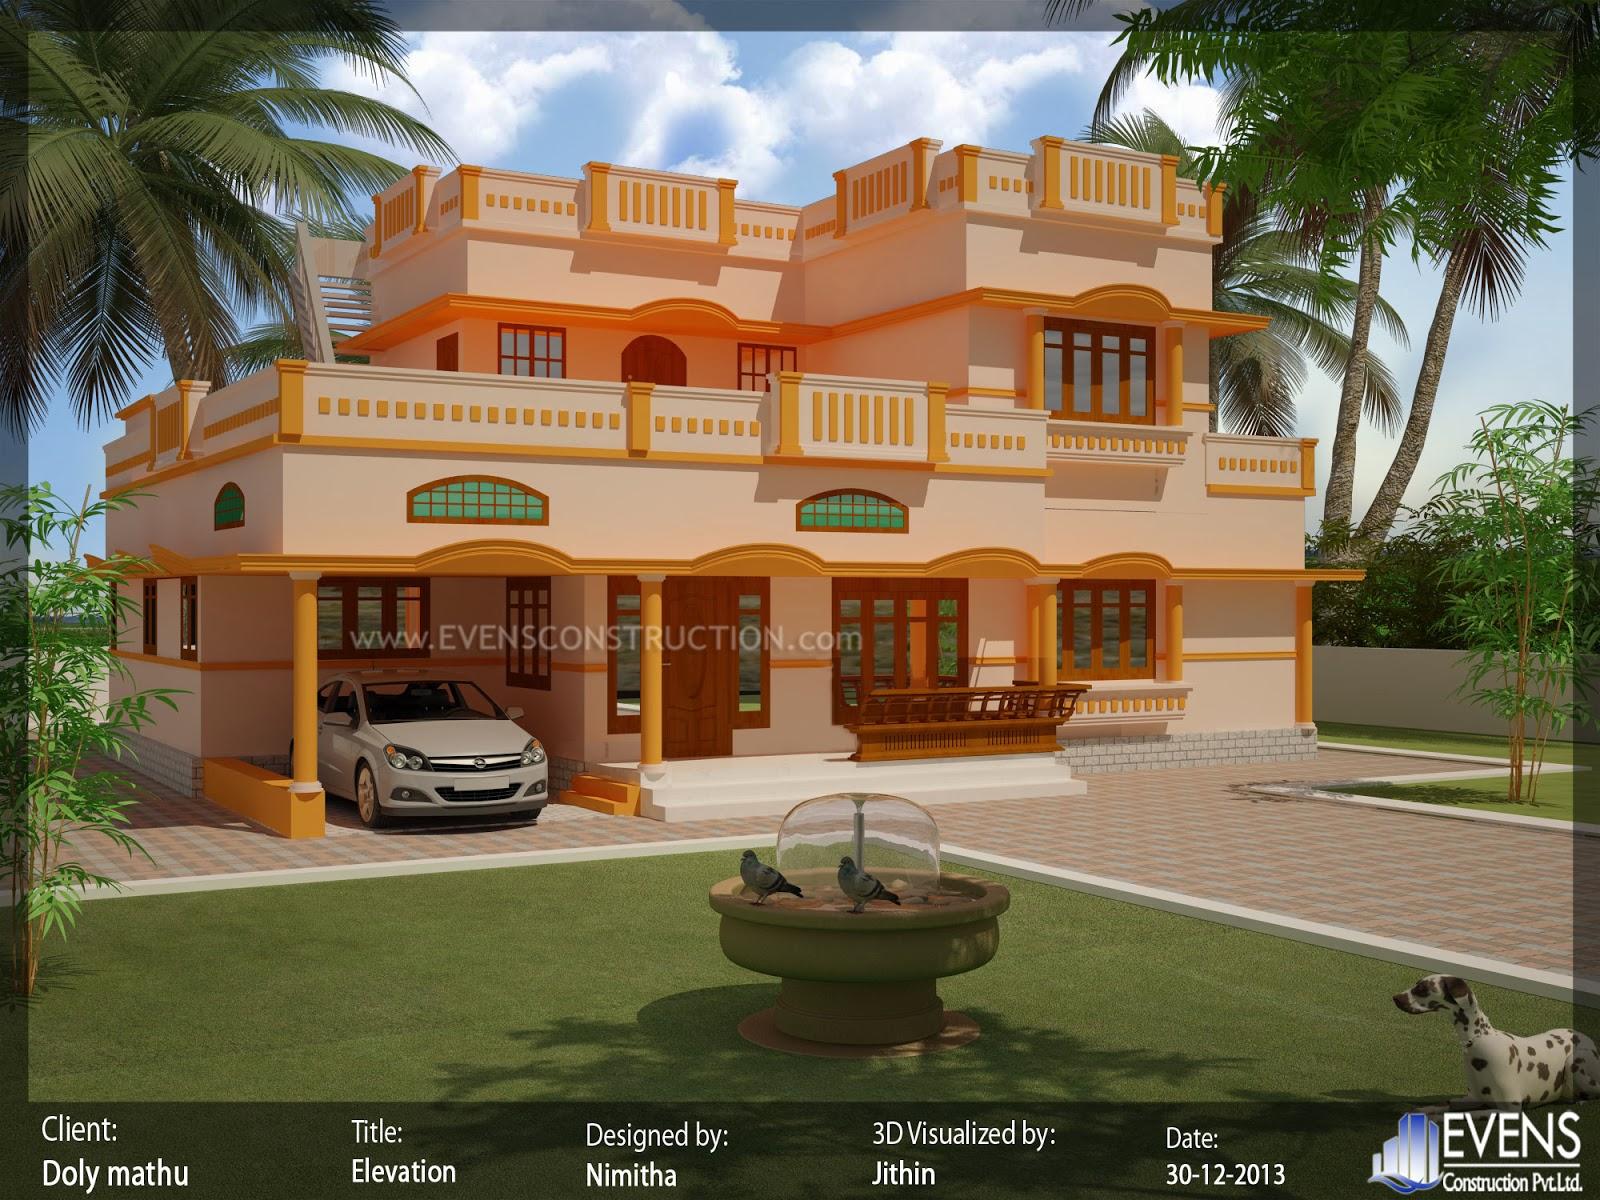 Evens construction pvt ltd flat roof modern house design for Modern design building services ltd